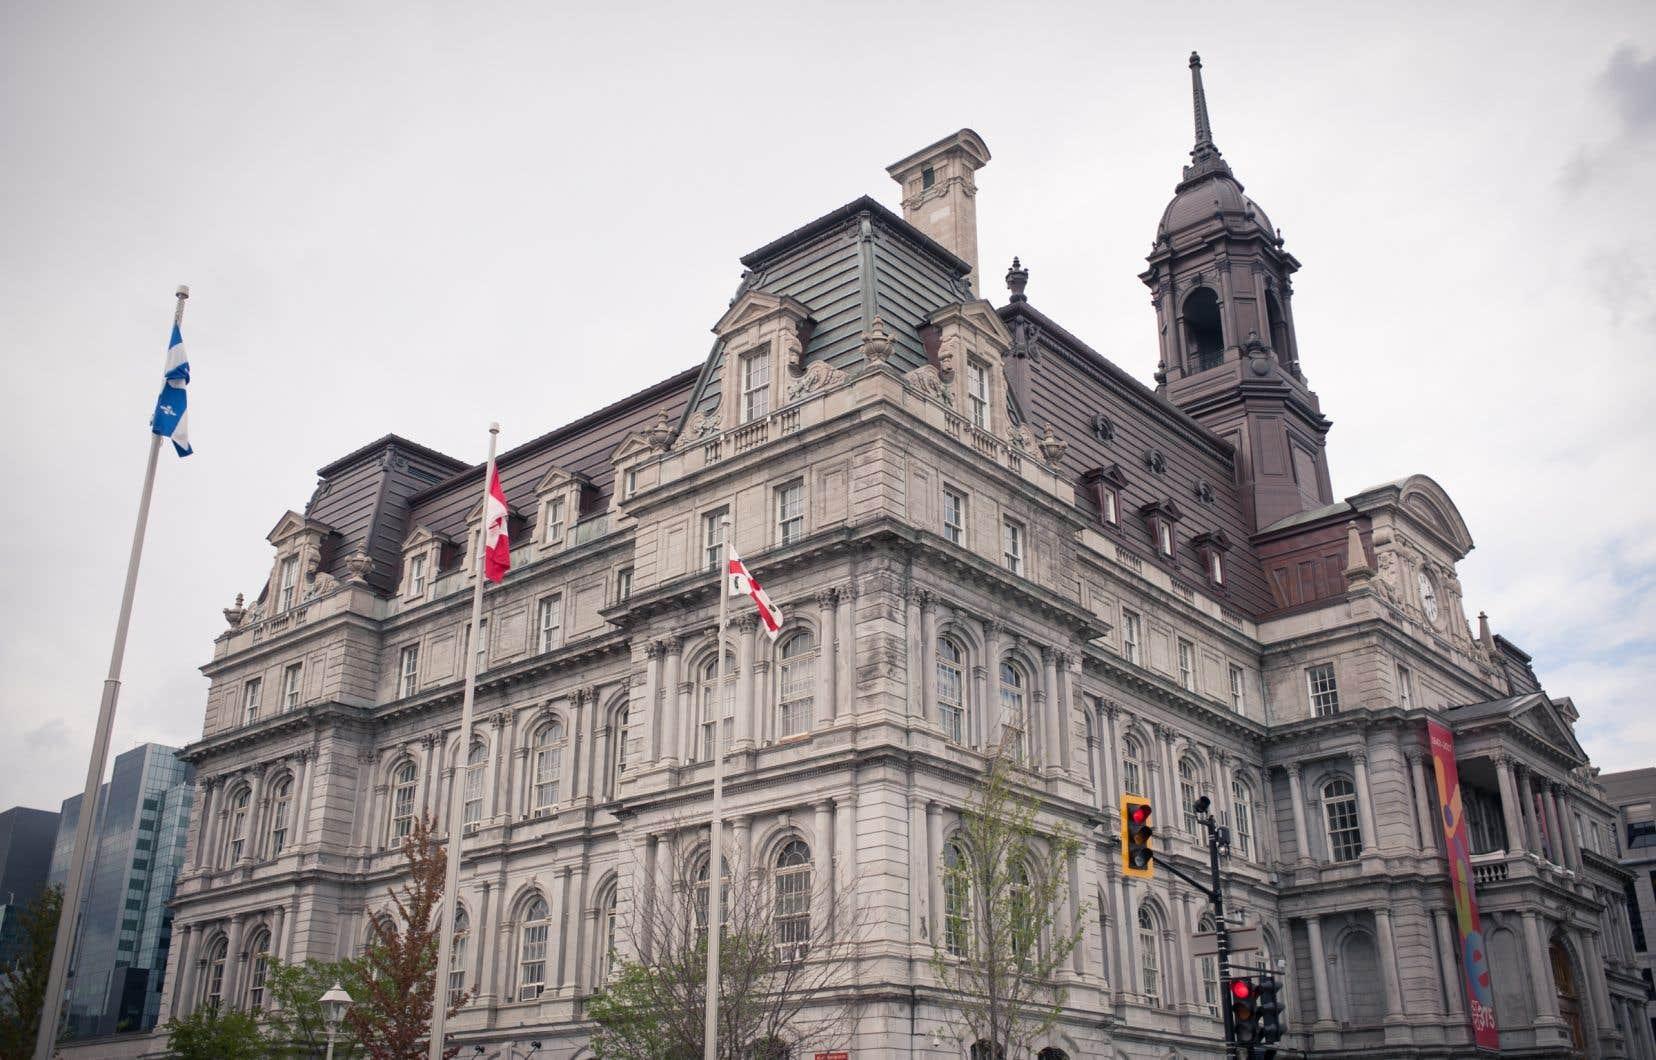 La Ville de Montréal a pu bénéficier d'une aide gouvernementale de 263,5millions de dollarspour lui permettre de traverser la crise sanitaire.